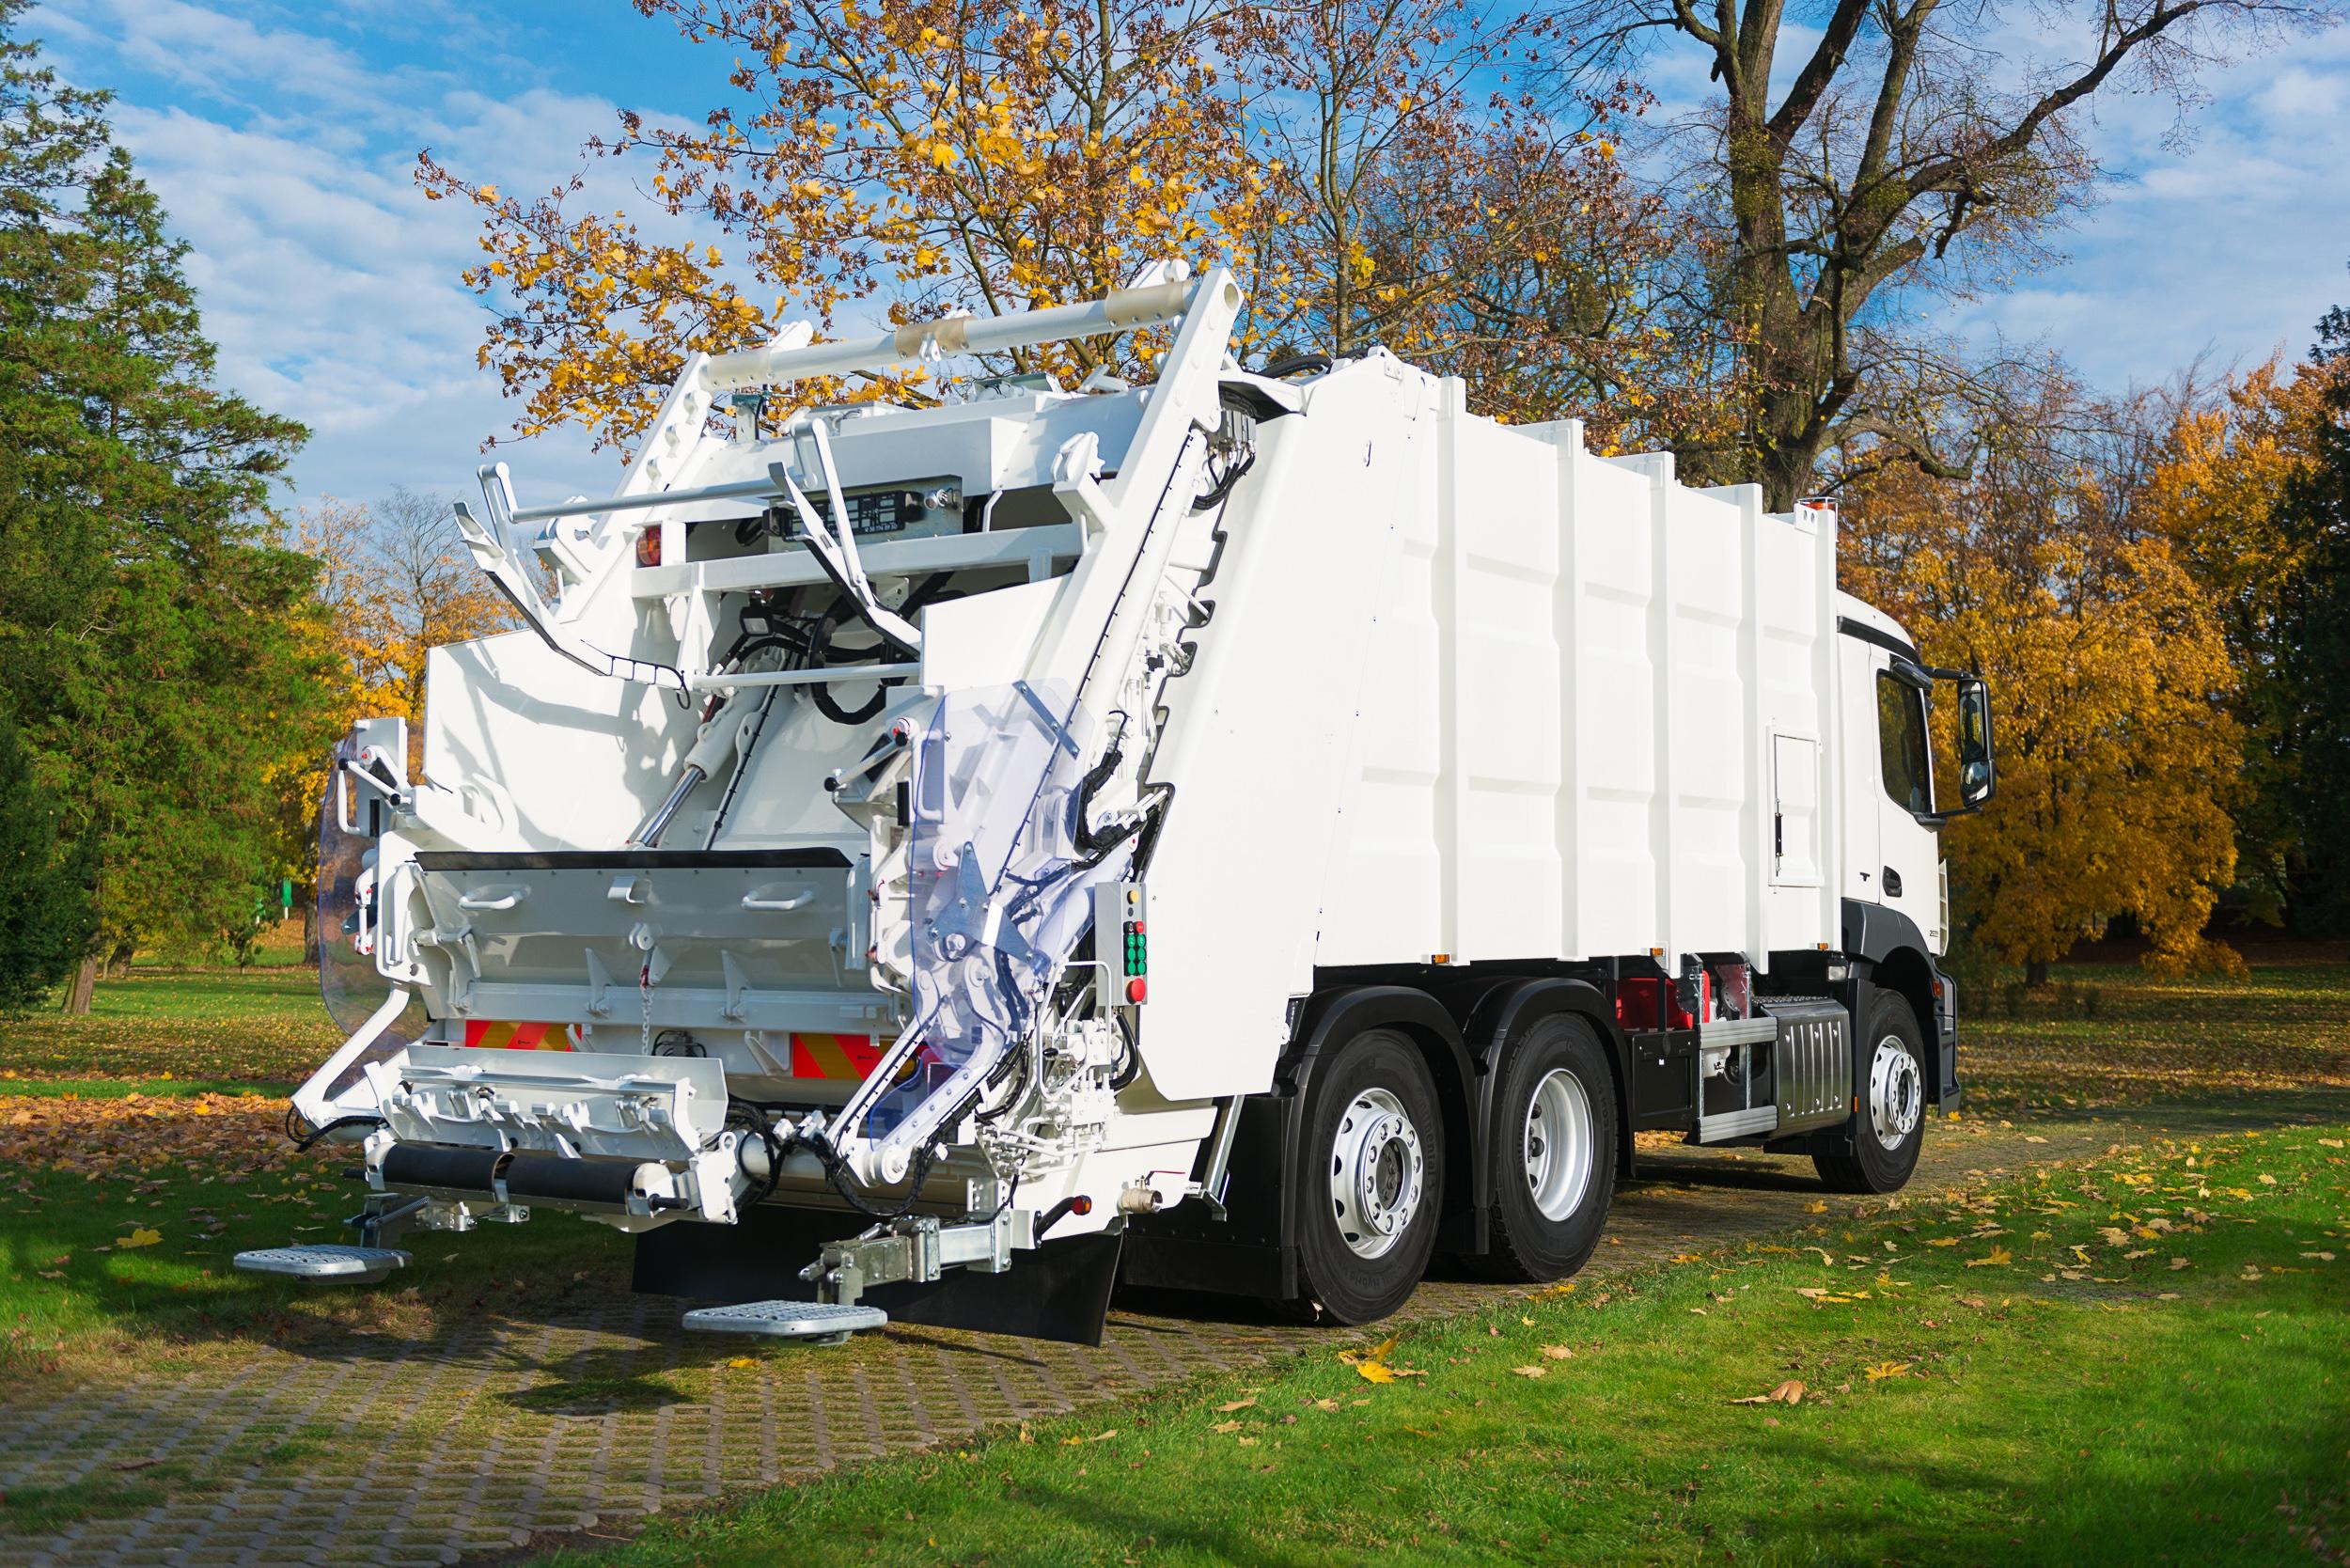 zoeller-lifter-system-mega-356-3